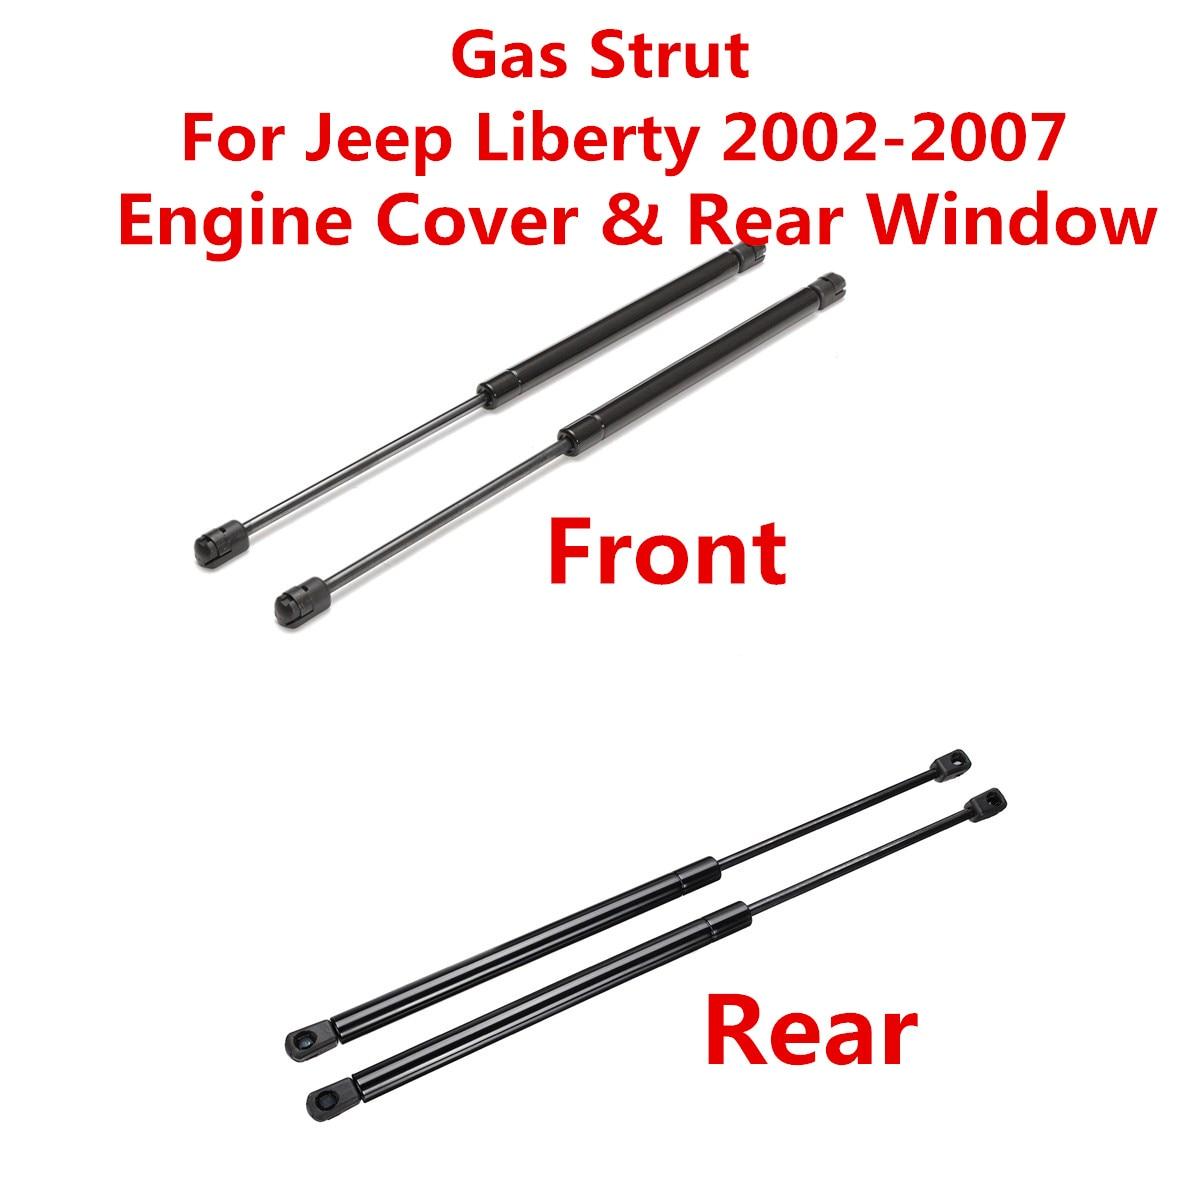 Auto Motore Anteriore Cappuccio Della Copertura Lunotto posteriore Ascensore Urti Supporta Struts Bar Molle A Gas Per Jeep Liberty 2002 2003 2004 2005 -2007